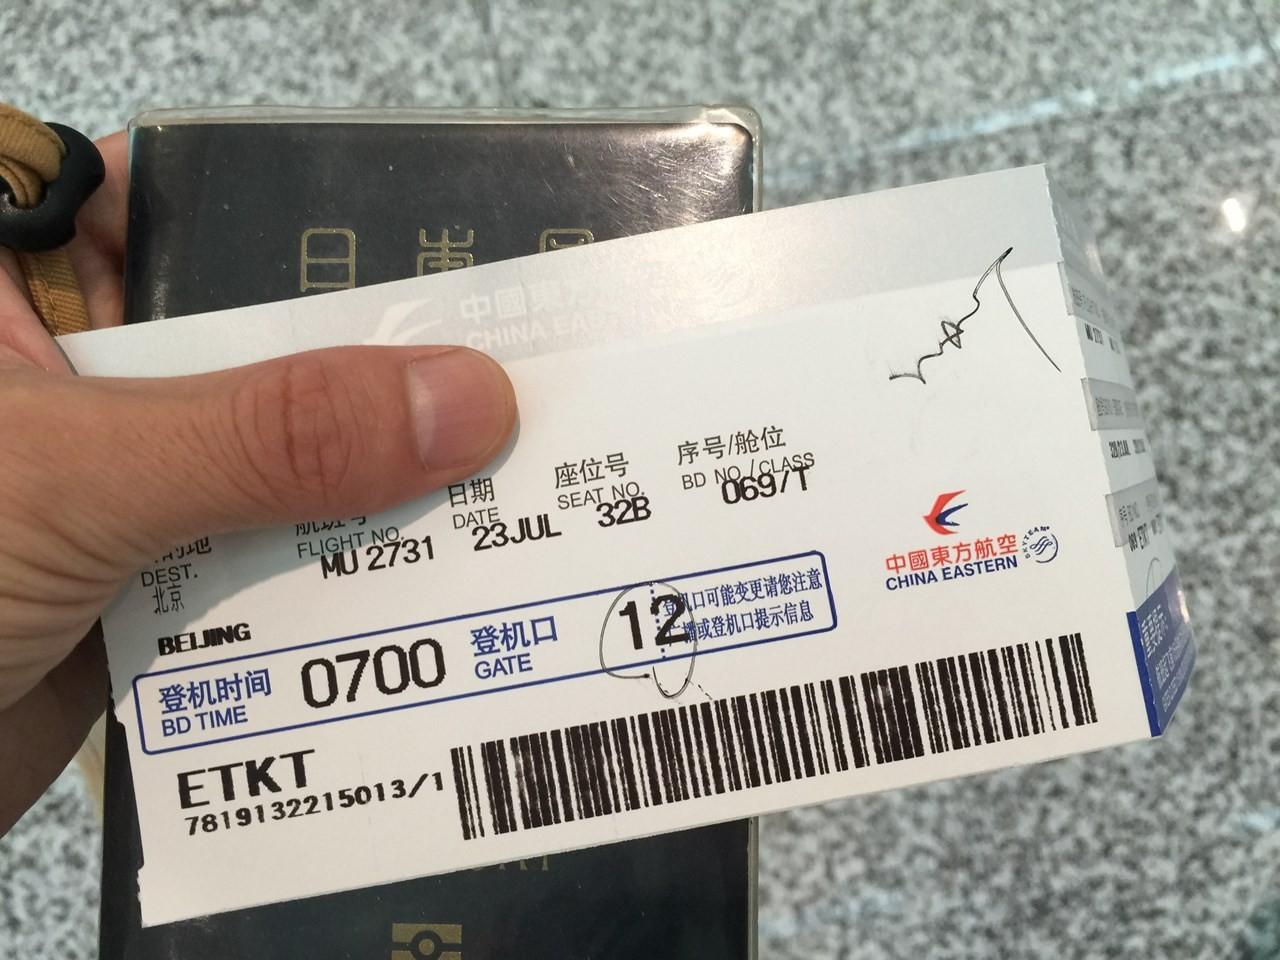 無錫北京飛行機チケット